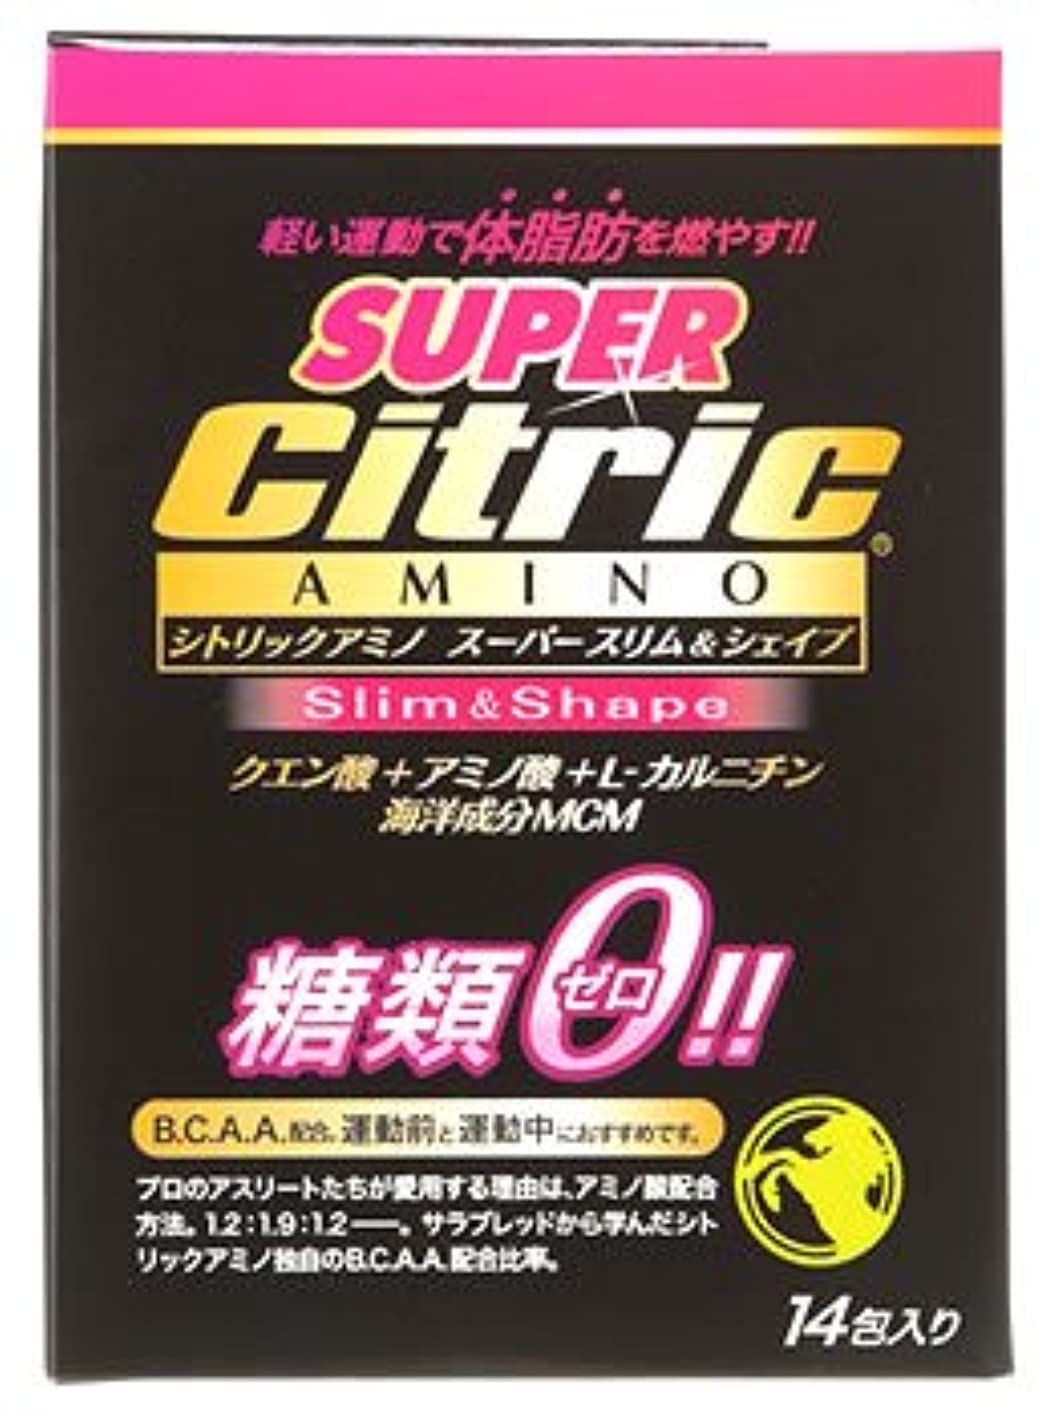 ランドマーク地味な虚栄心メダリスト?ジャパン シトリックアミノ スーパースリム&シェイプ JP (6g×14包入) クエン酸 アミノ酸 糖類ゼロ